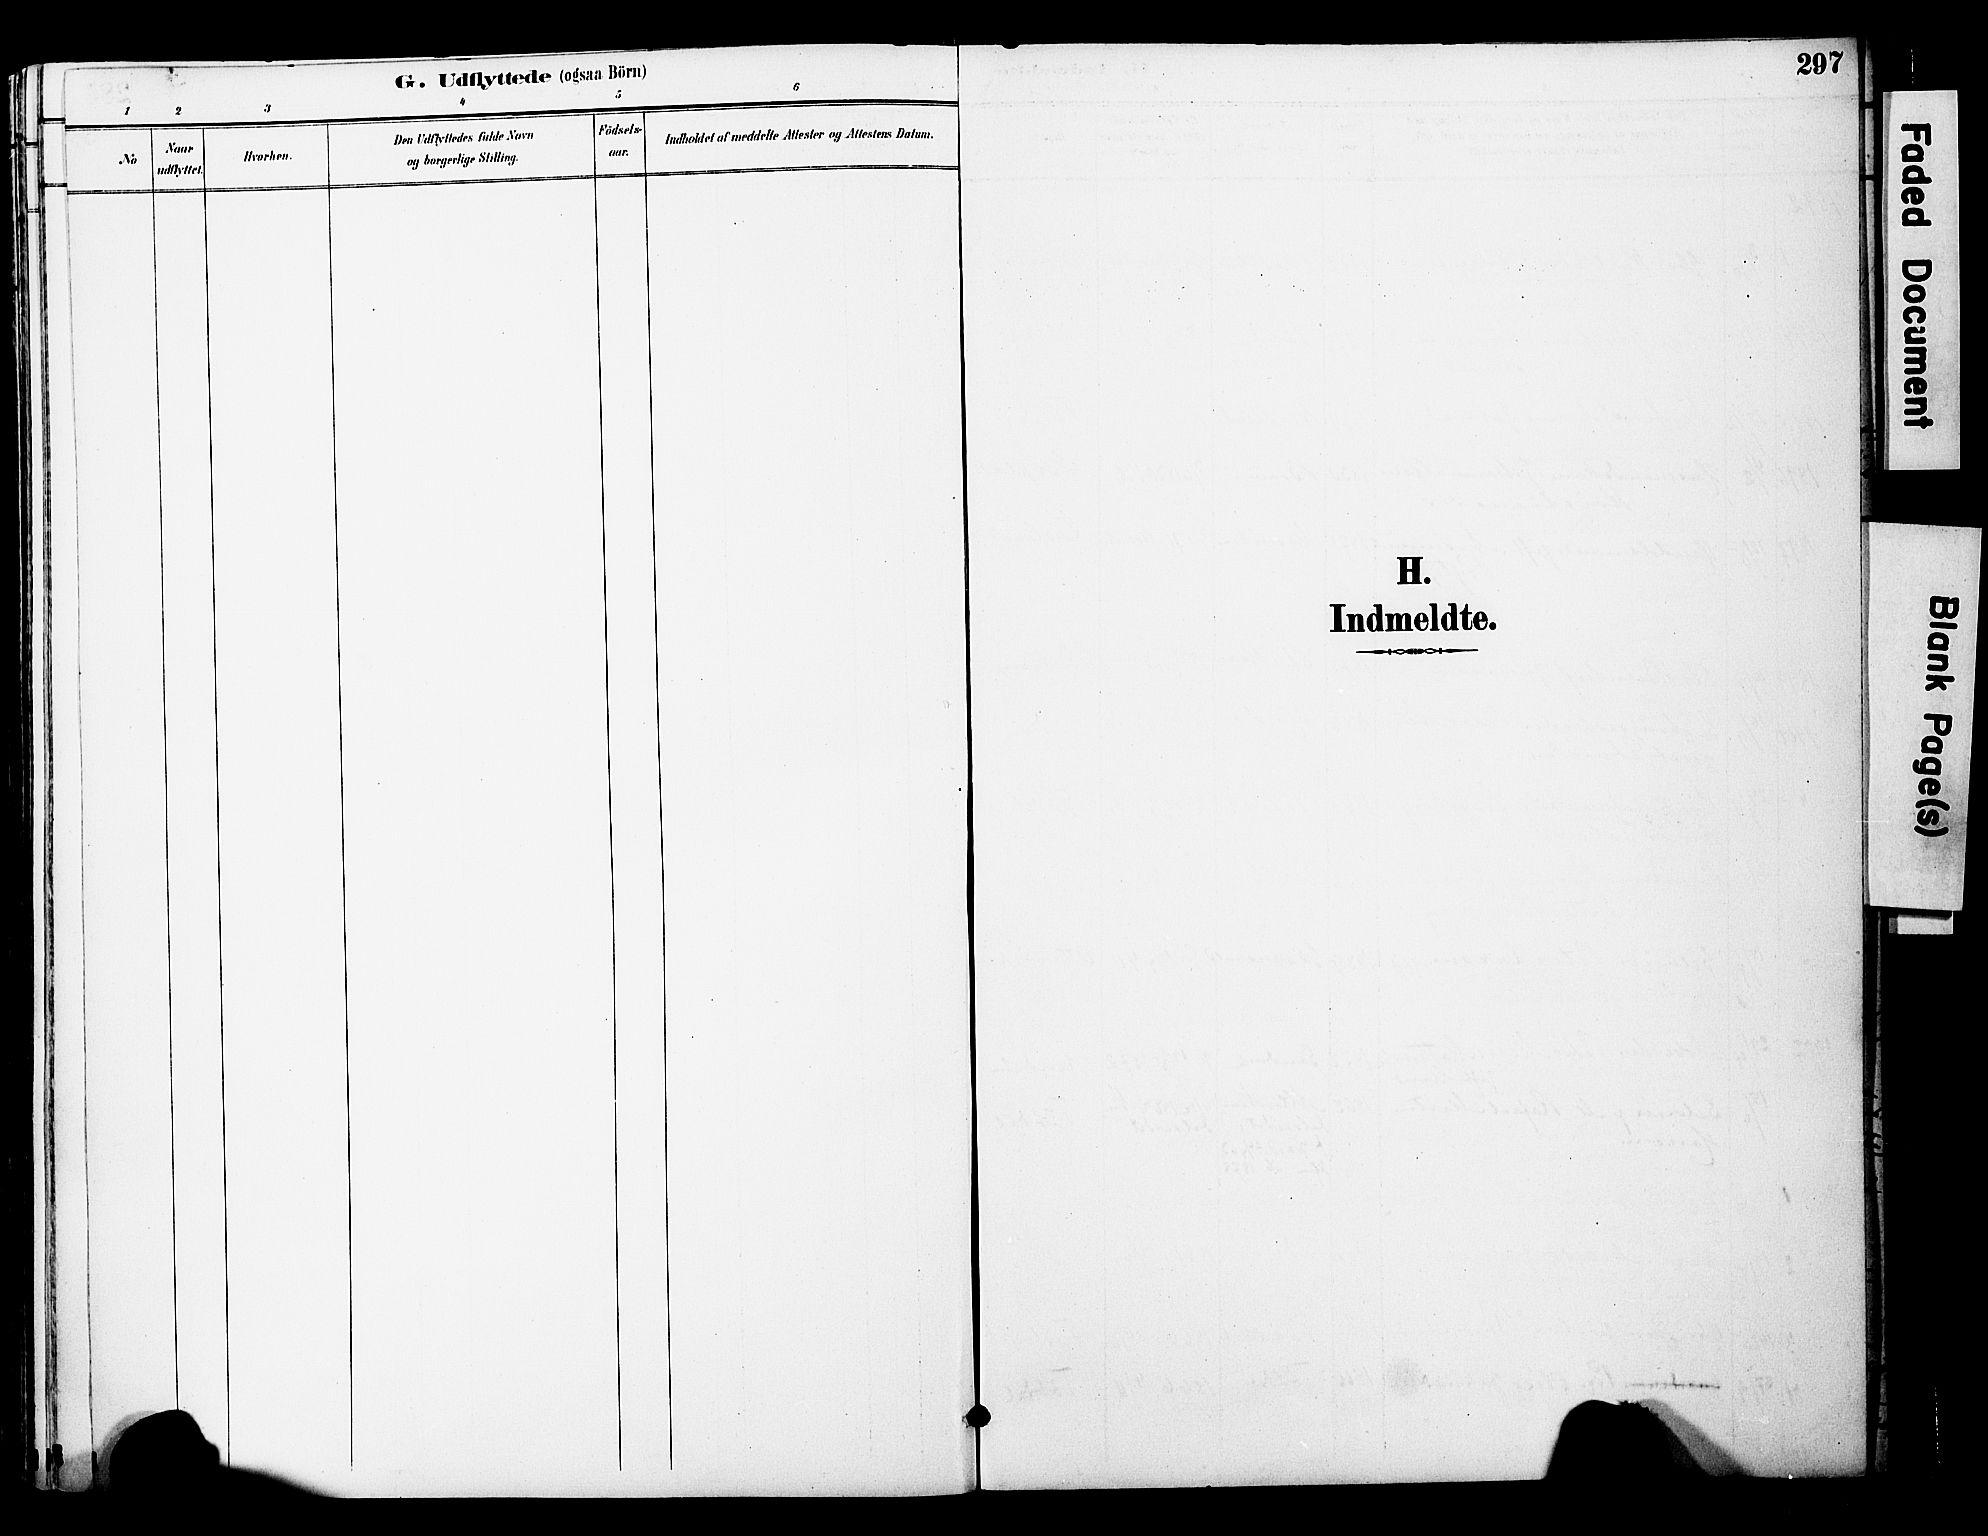 SAT, Ministerialprotokoller, klokkerbøker og fødselsregistre - Nord-Trøndelag, 774/L0628: Ministerialbok nr. 774A02, 1887-1903, s. 297